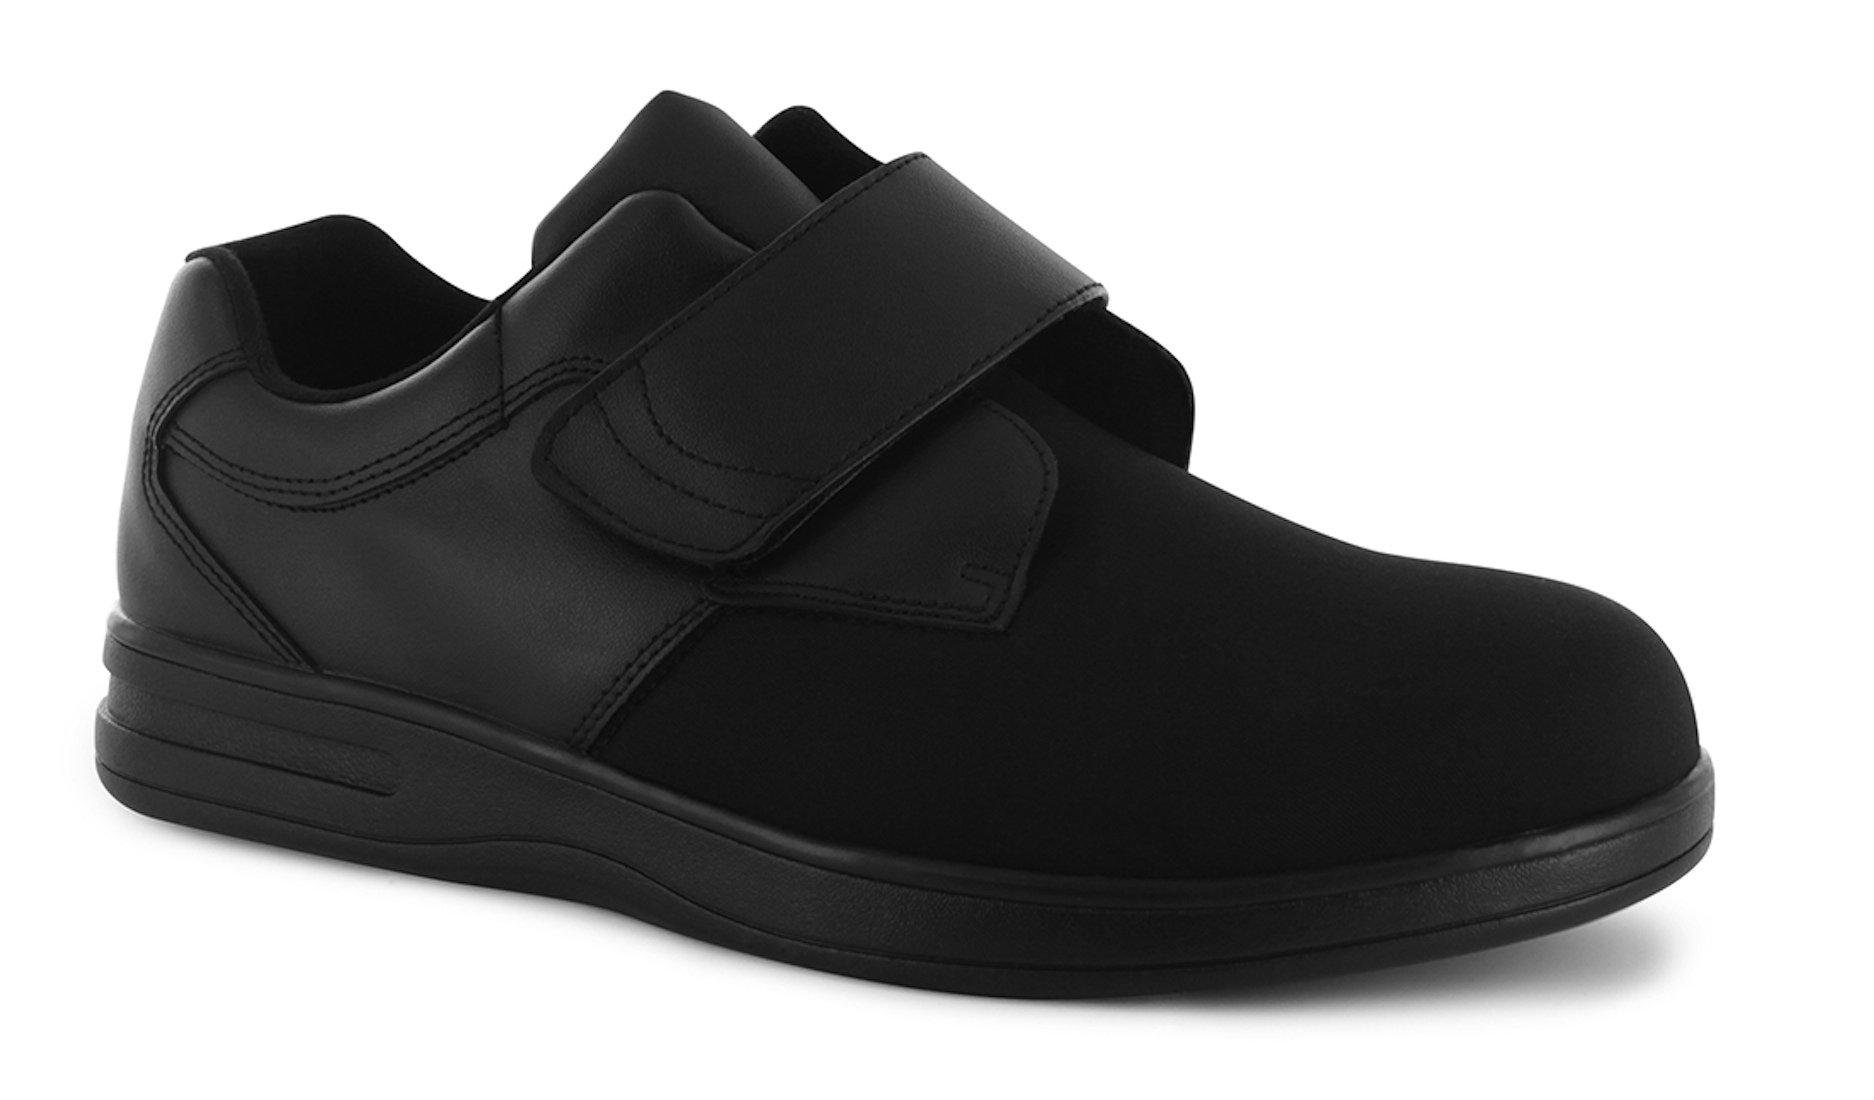 P W Minor Freedom Men's Therapeutic Extra Depth Shoe: Black 14 XX-Wide (5E) Velcro